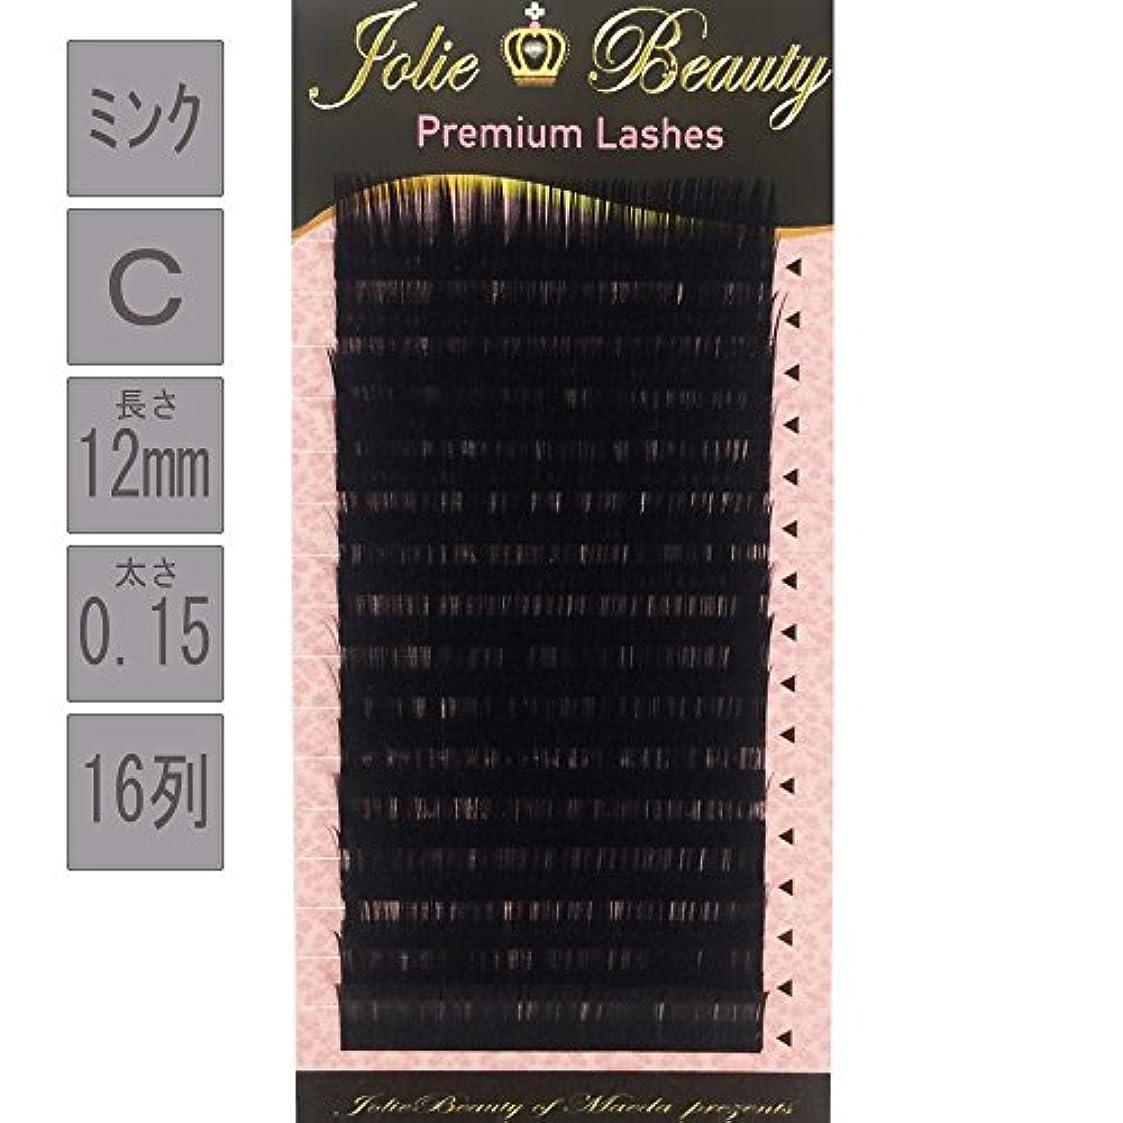 案件症候群動的まつ毛 エクステ 長さ 12mm ( 12ミリ ) 太さ 0.10 0.15 0.18 0.20 0.25 MINK ( ミンク ) 原産国 韓国 (0.15, C) 16列